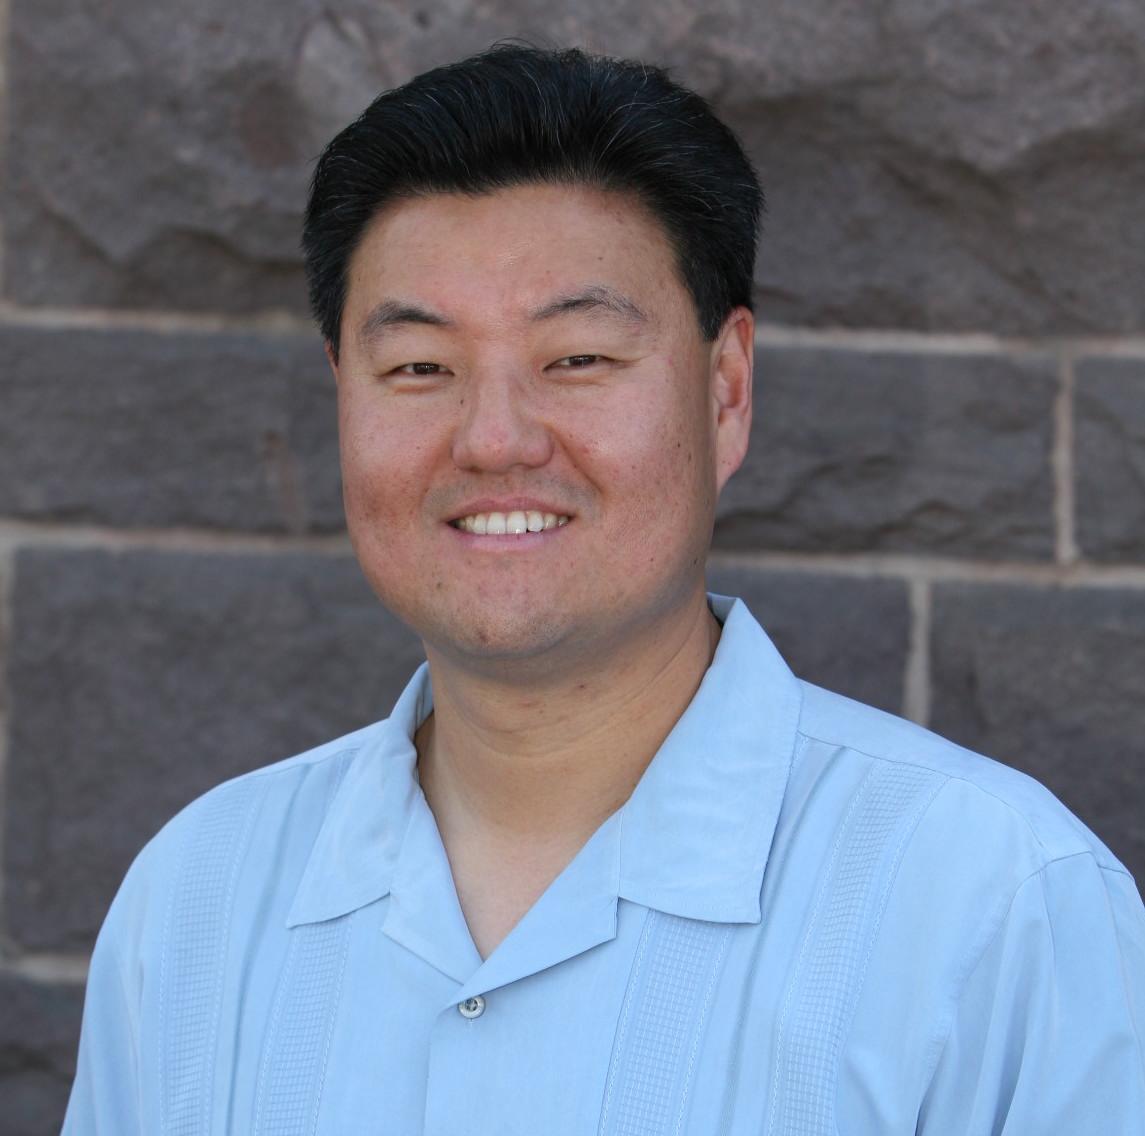 Sam Park.headshot.JPG